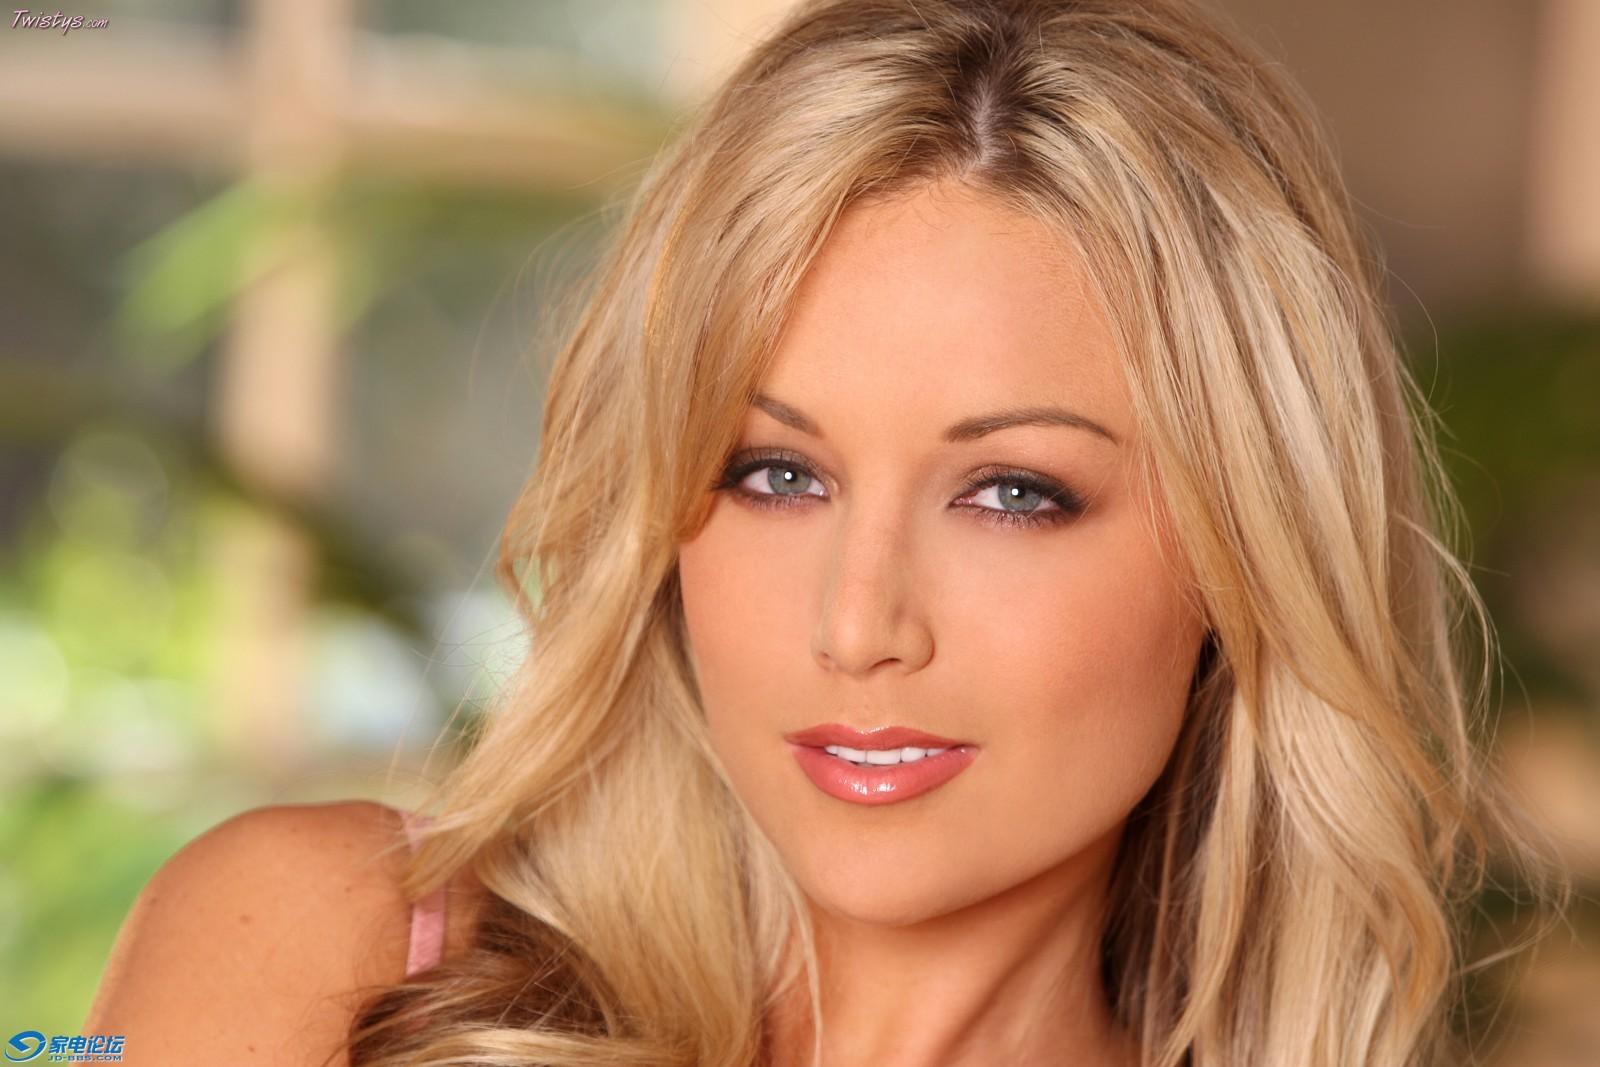 欧美成人照片_你好,她叫凯登克洛斯 kayden kross,1985年9月15日出生,是名美国色情